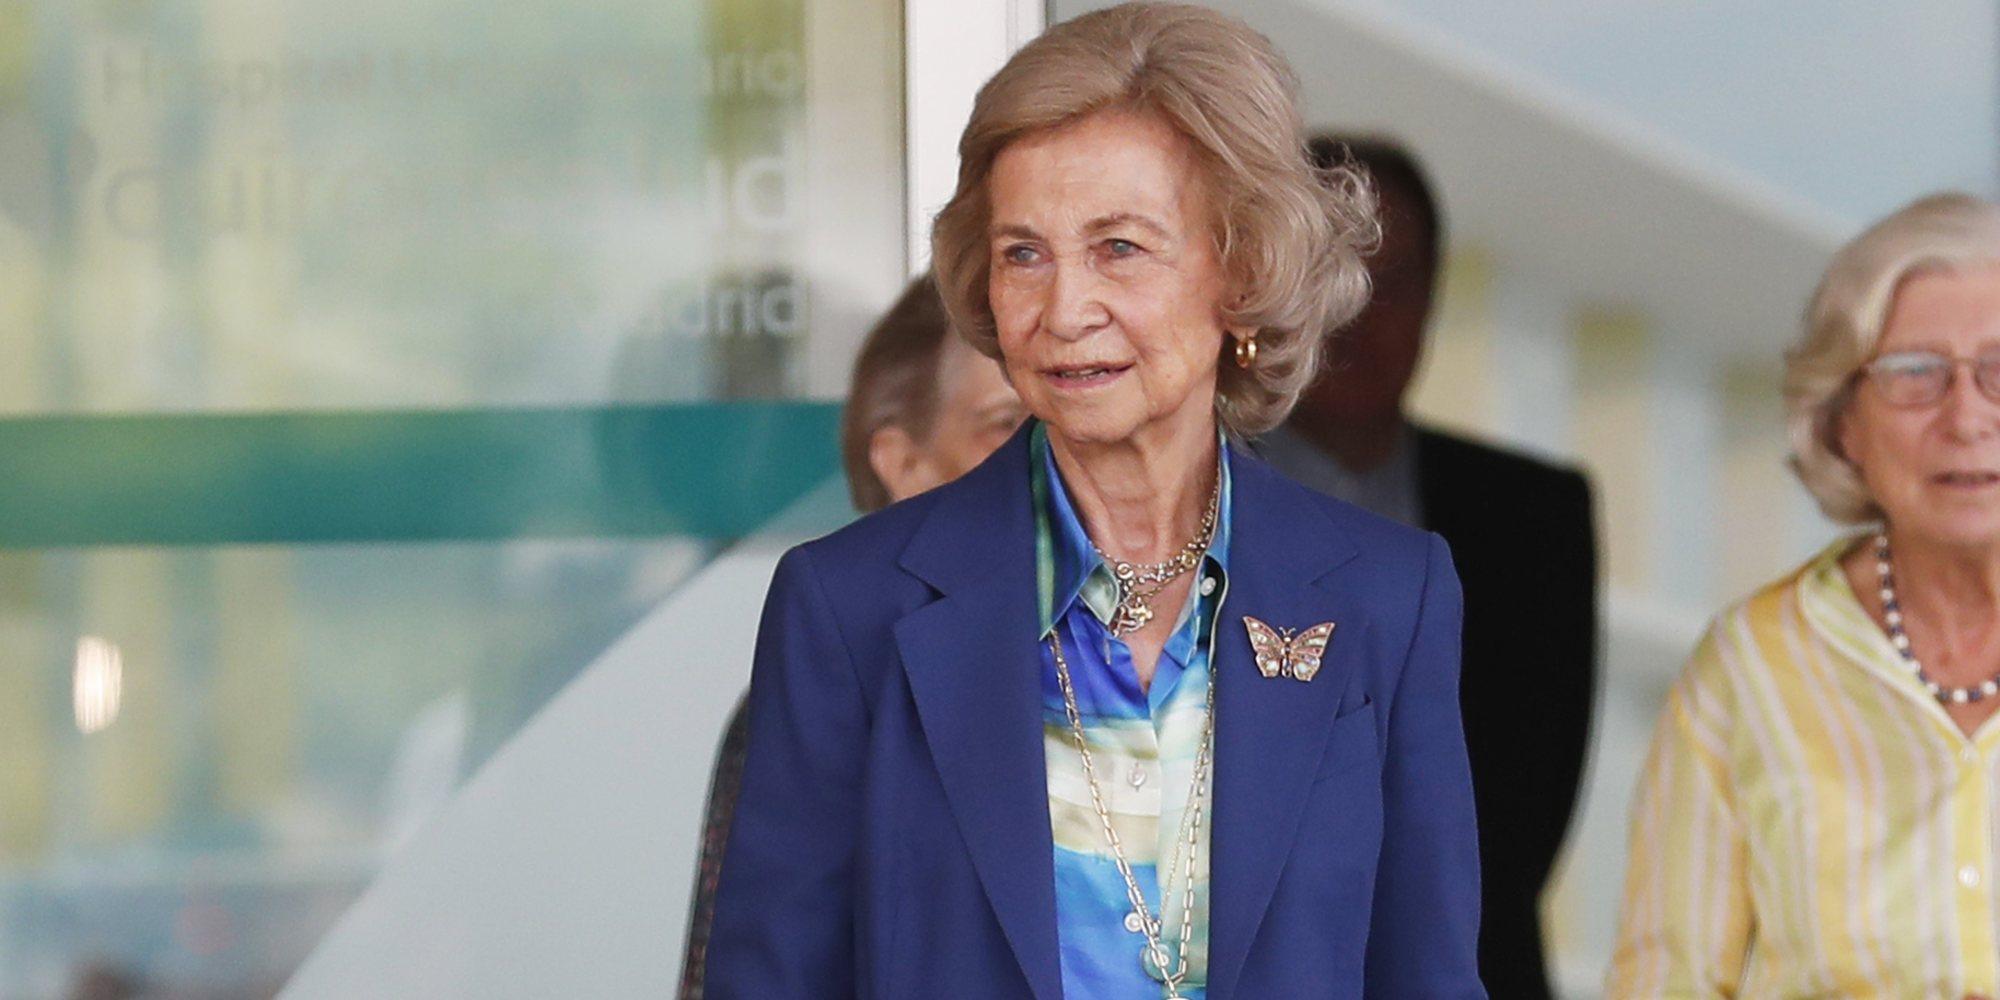 La relación que existe entre la Reina Sofía y el lugar en el que Iñaki Urdangarin realizará el voluntariado